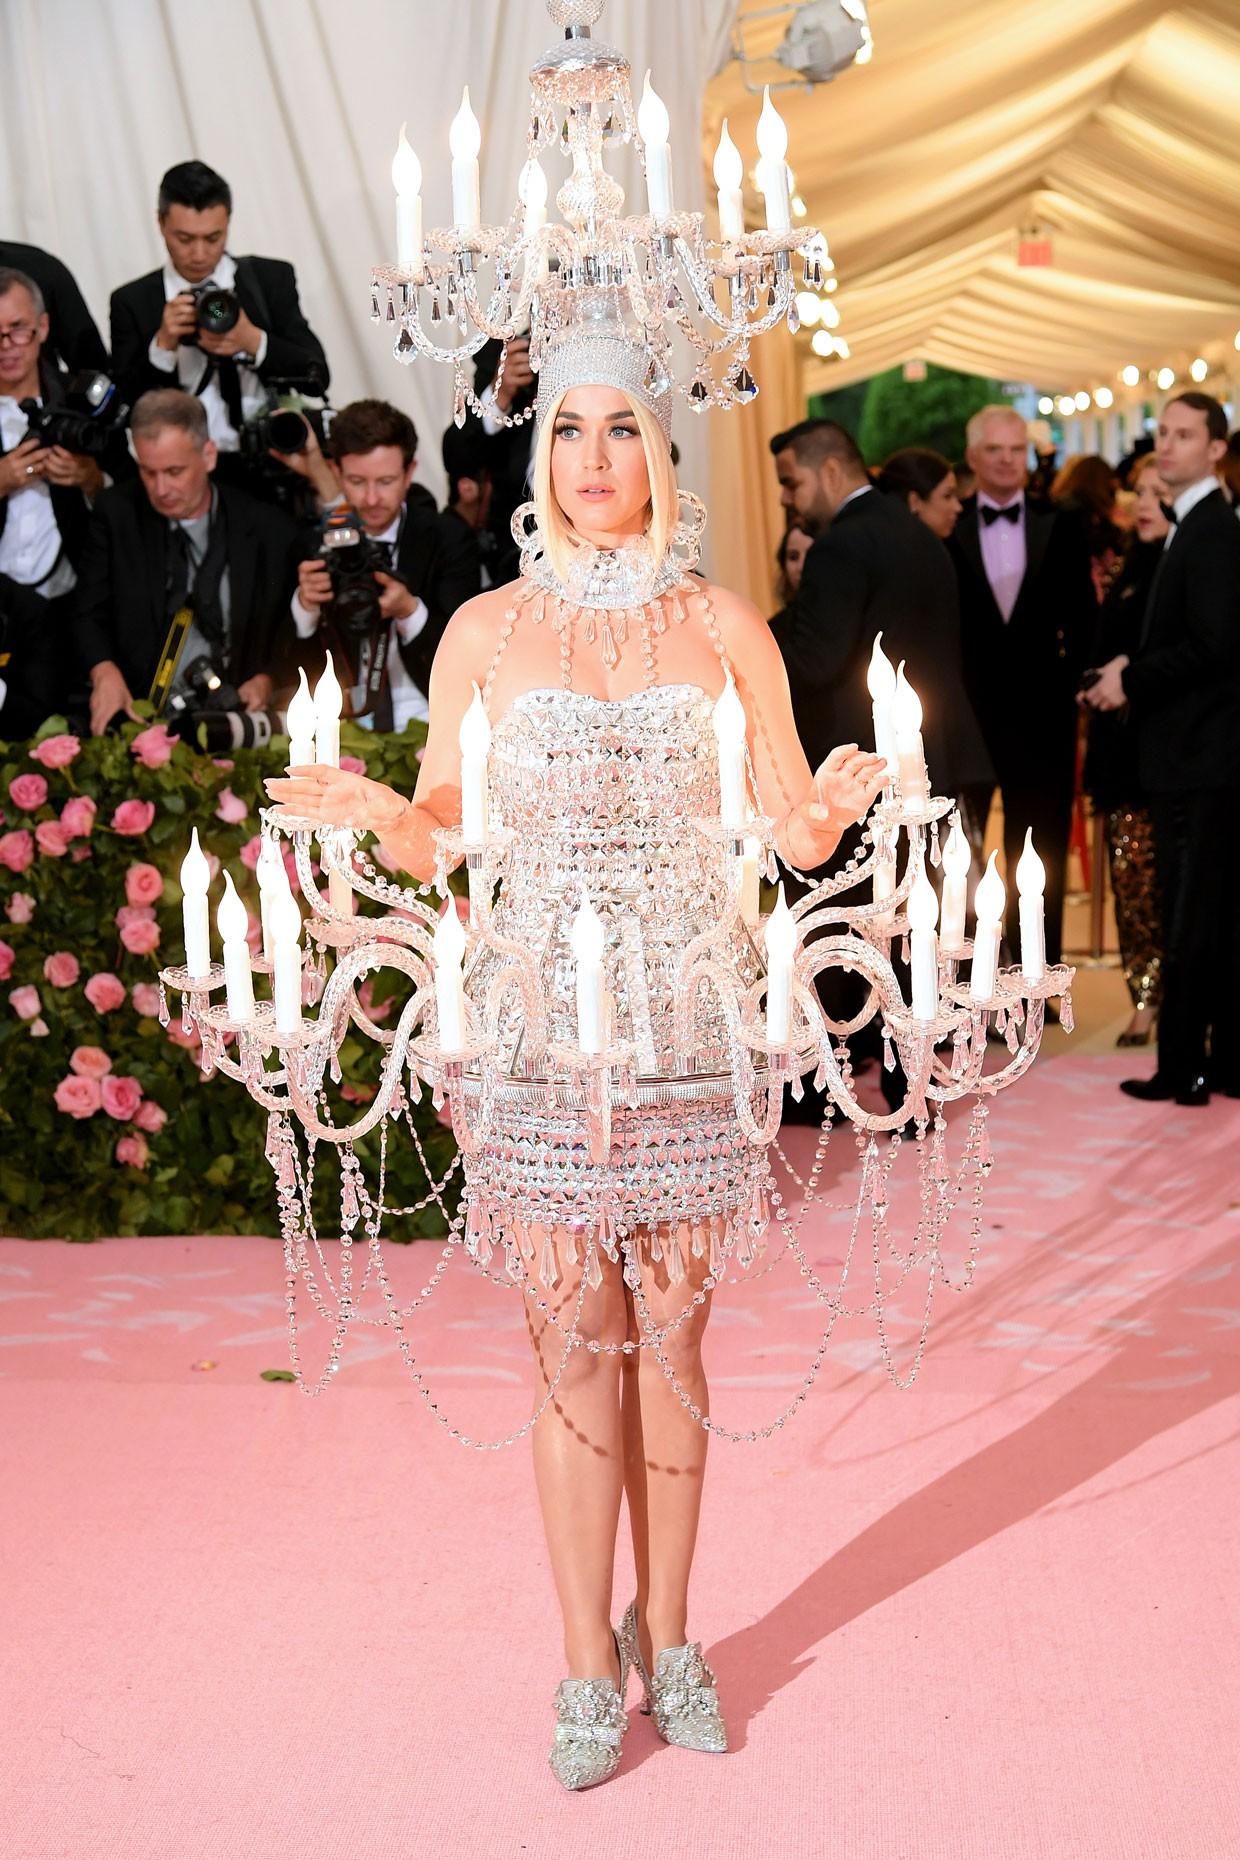 Các người đẹp chật vật vì trang phục Met Gala: Kim mặc corset bó chịt như gãy xương sườn, Cardi B và Katy Perry lên đồ vất vả như gập gym - Ảnh 11.